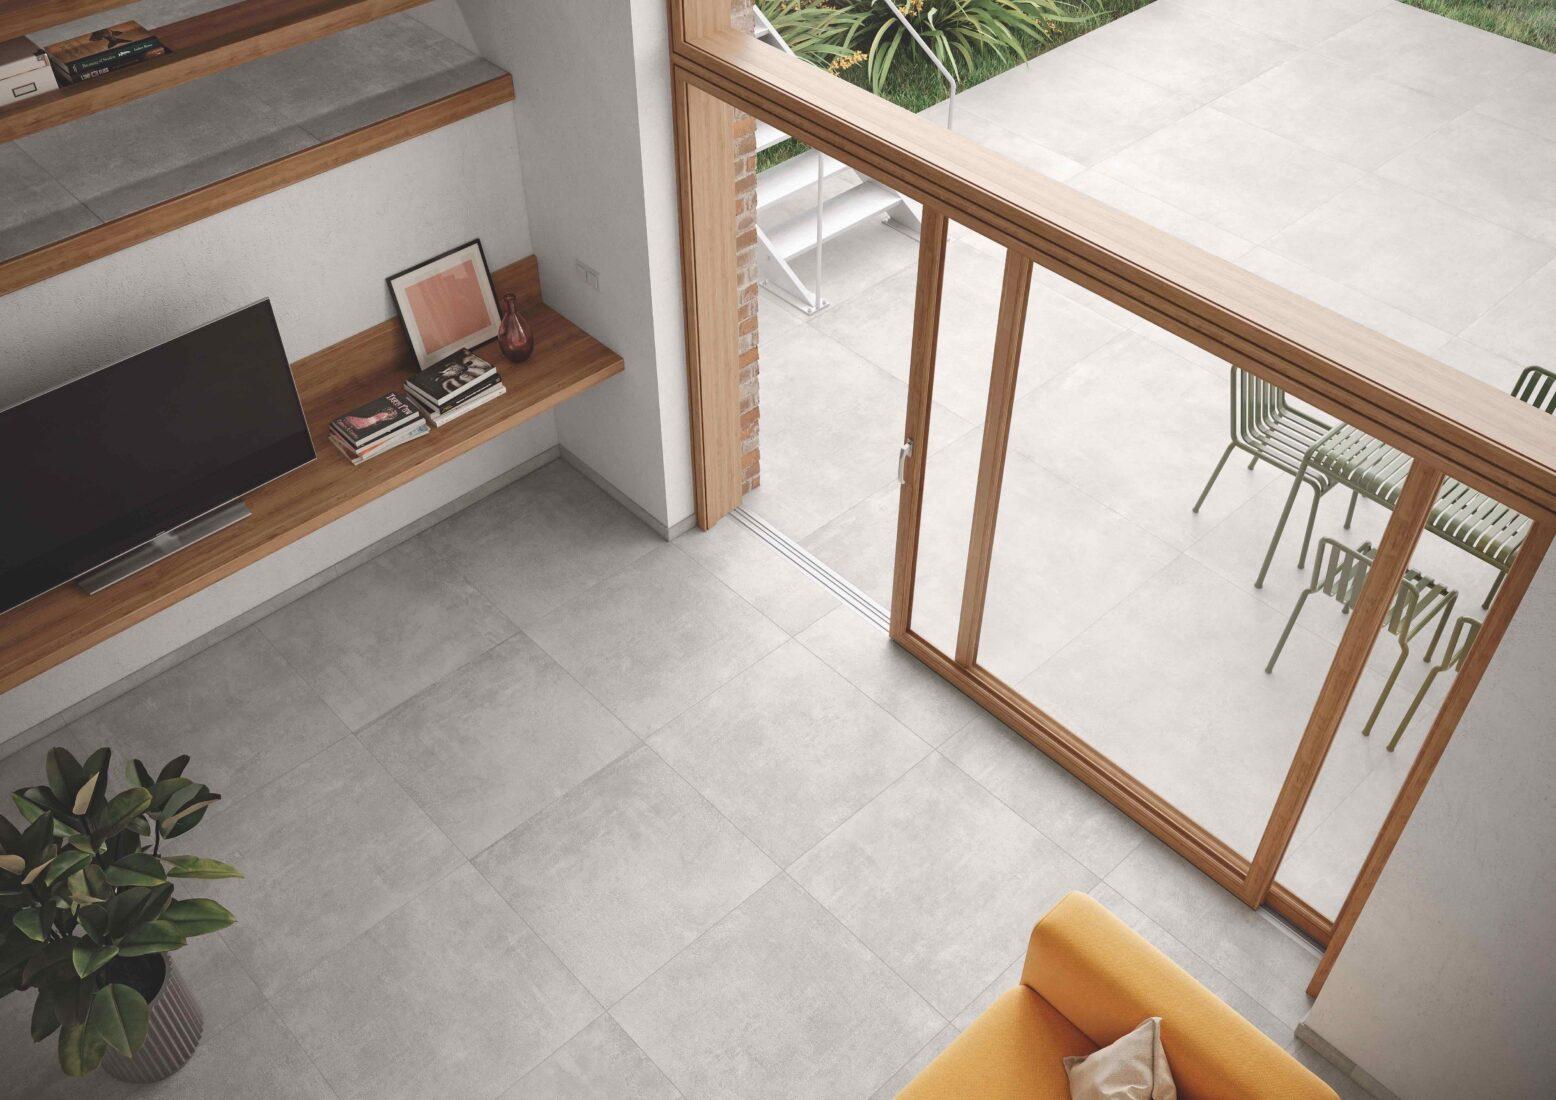 """""""Like""""-Fliesen im Farbton Cement (innen: 80 x 80 cm, außen: 120 x 120 cm). Alle Fotos: agrob-buchtal.de"""